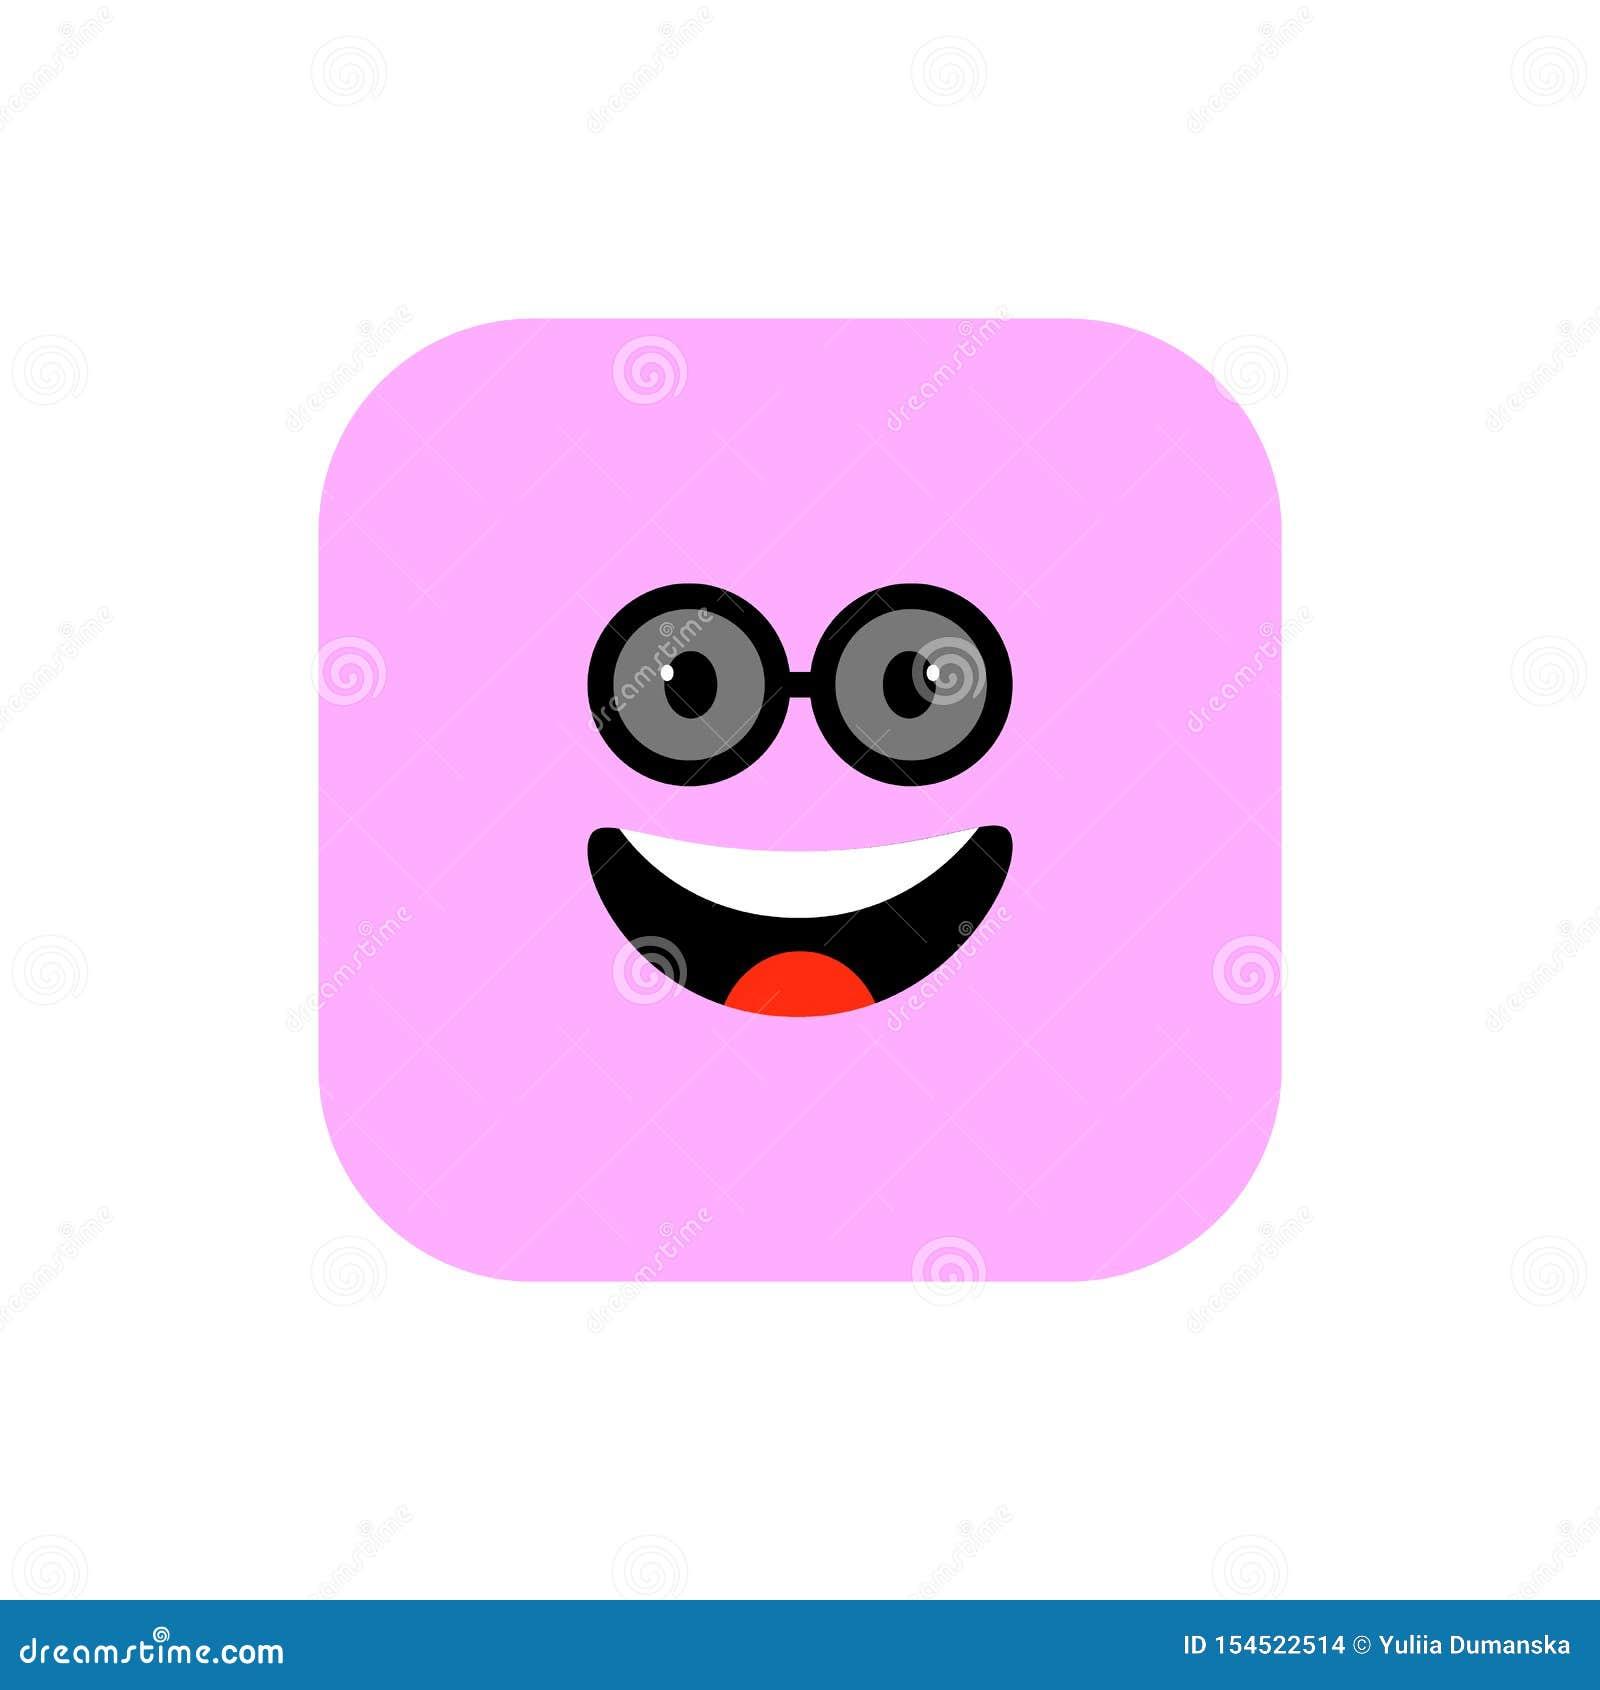 Ευτυχές επίπεδο ύφος εικονιδίων Emoji Χαριτωμένο στρογγυλευμένο Emoticon τετράγωνο στην ημέρα παγκόσμιου χαμόγελου Εύθυμος, Lol,